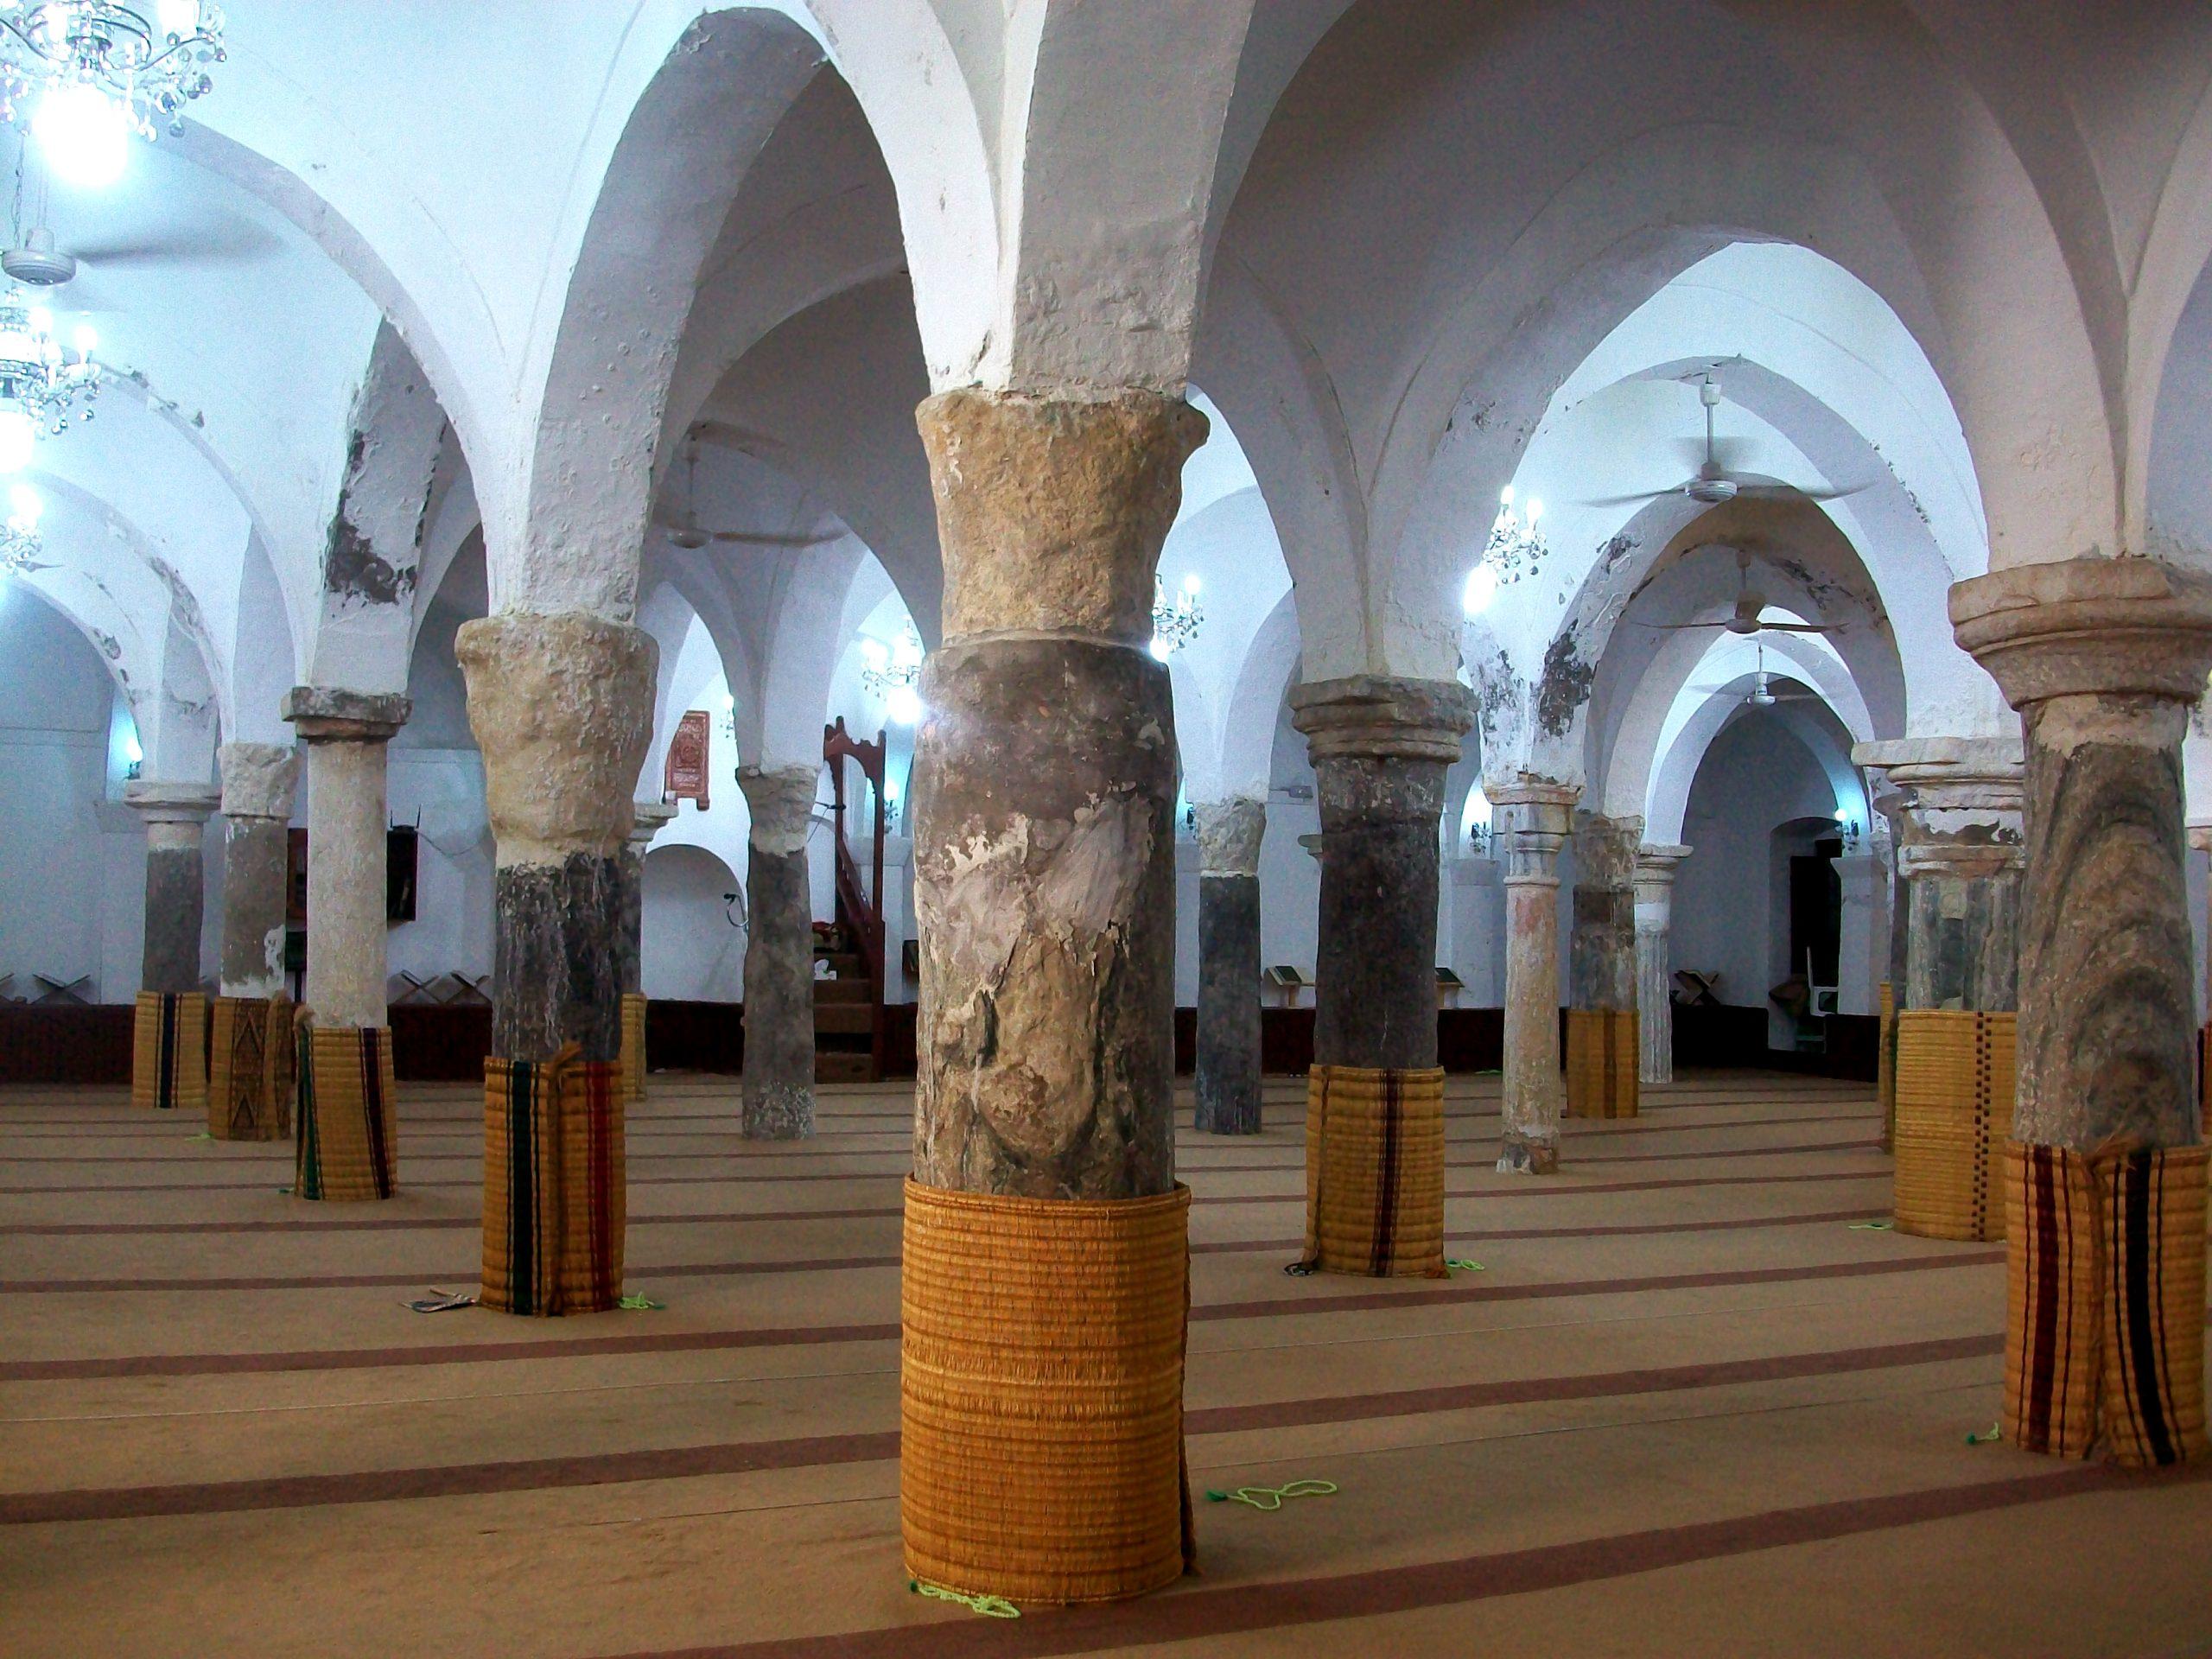 An-Naga mosque